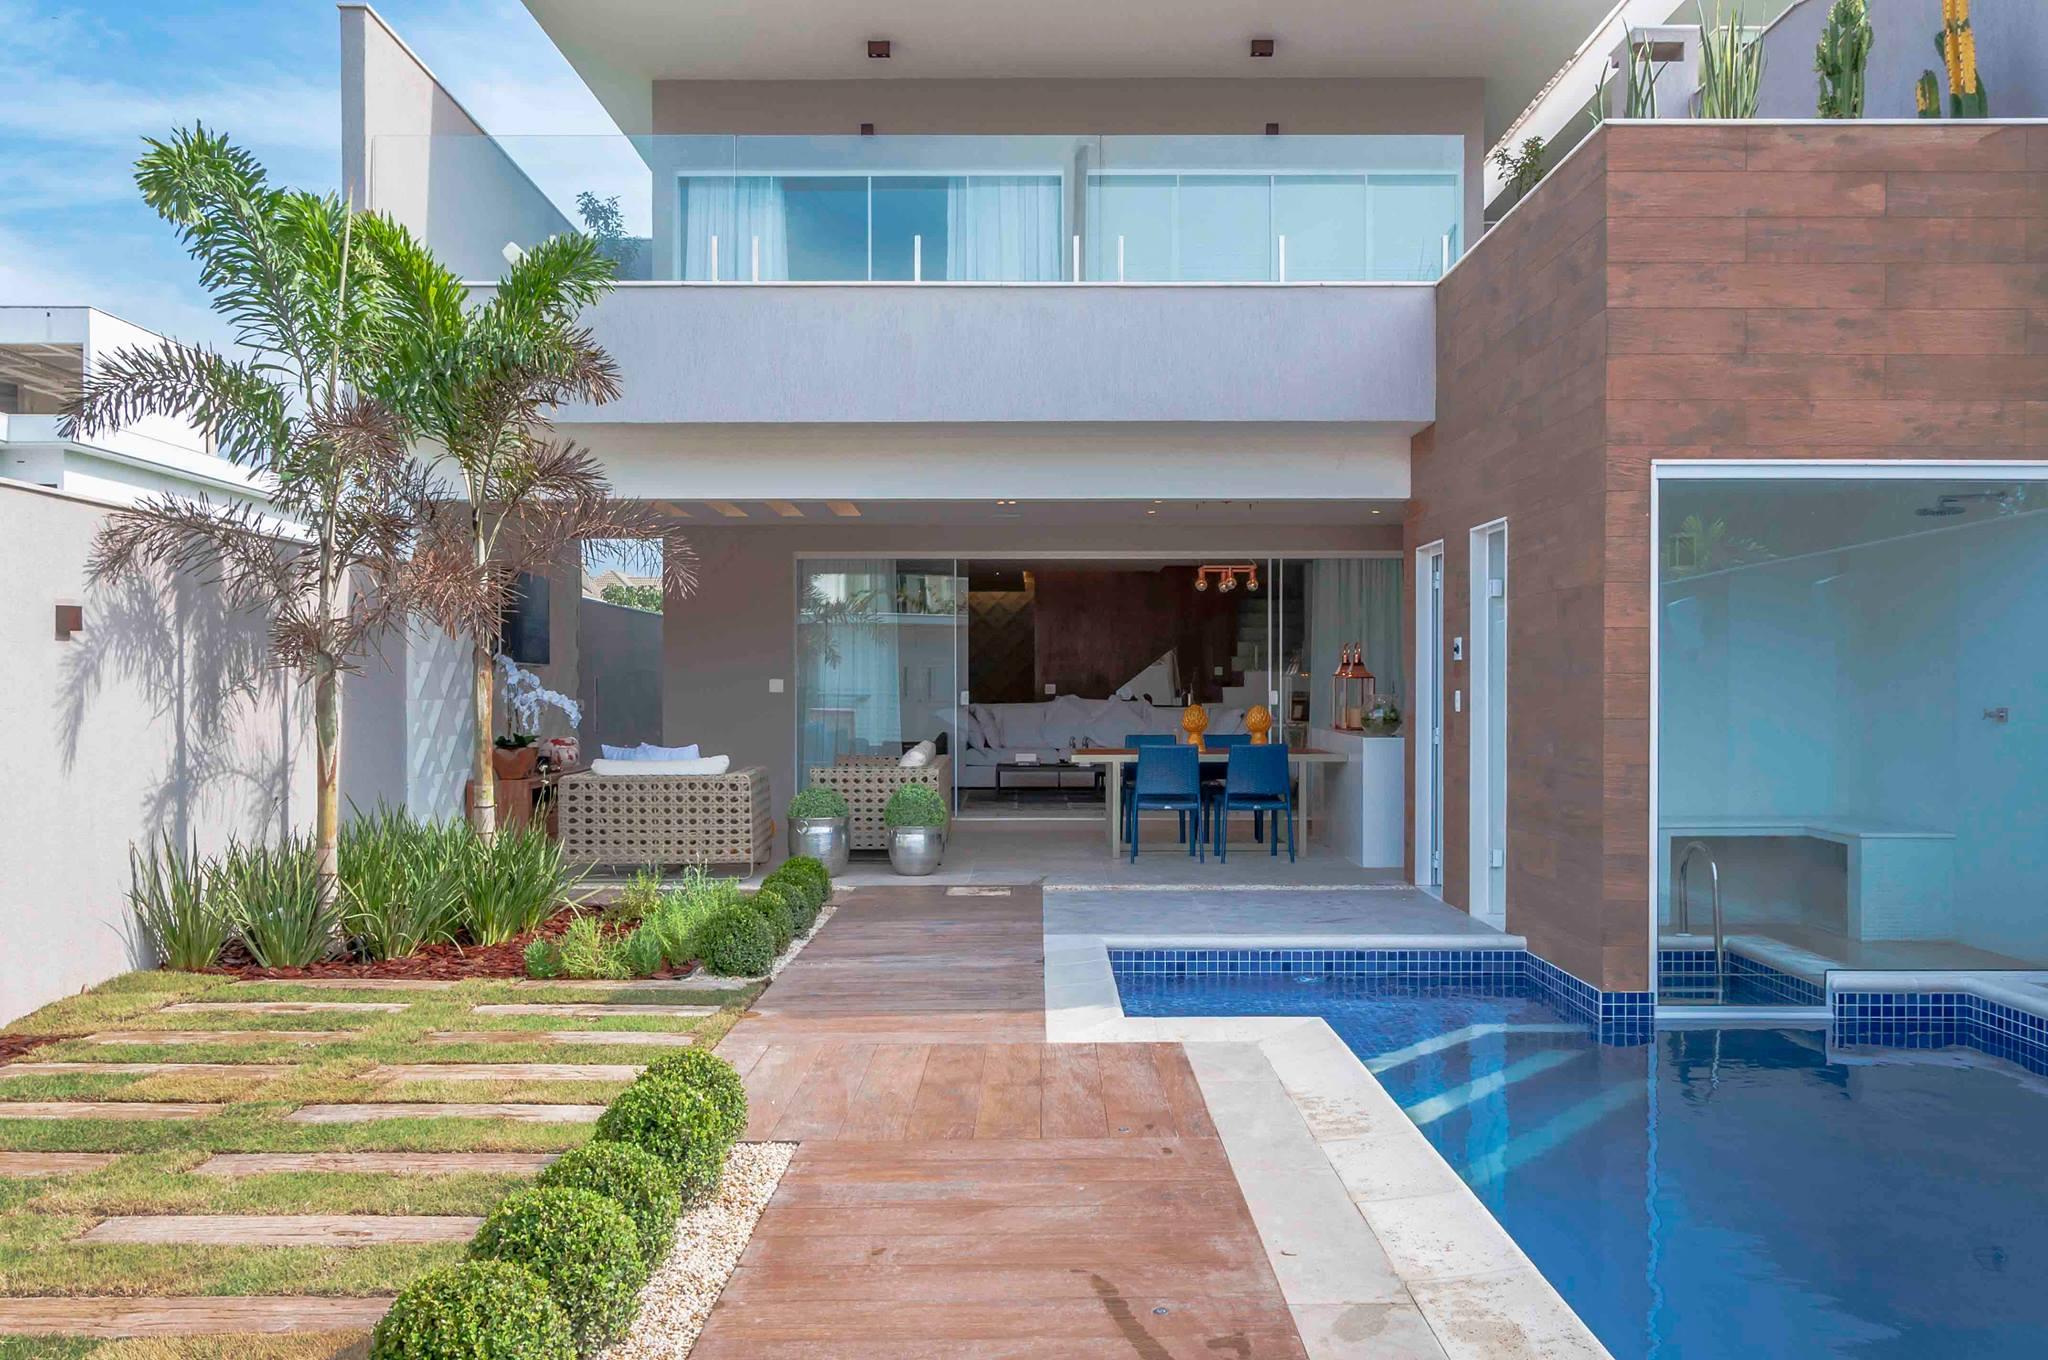 13-Residência - Blue Houses - Por BETA Arquitetura (Arquitetos Bernardo Gaudie-Ley e Tania Braida)